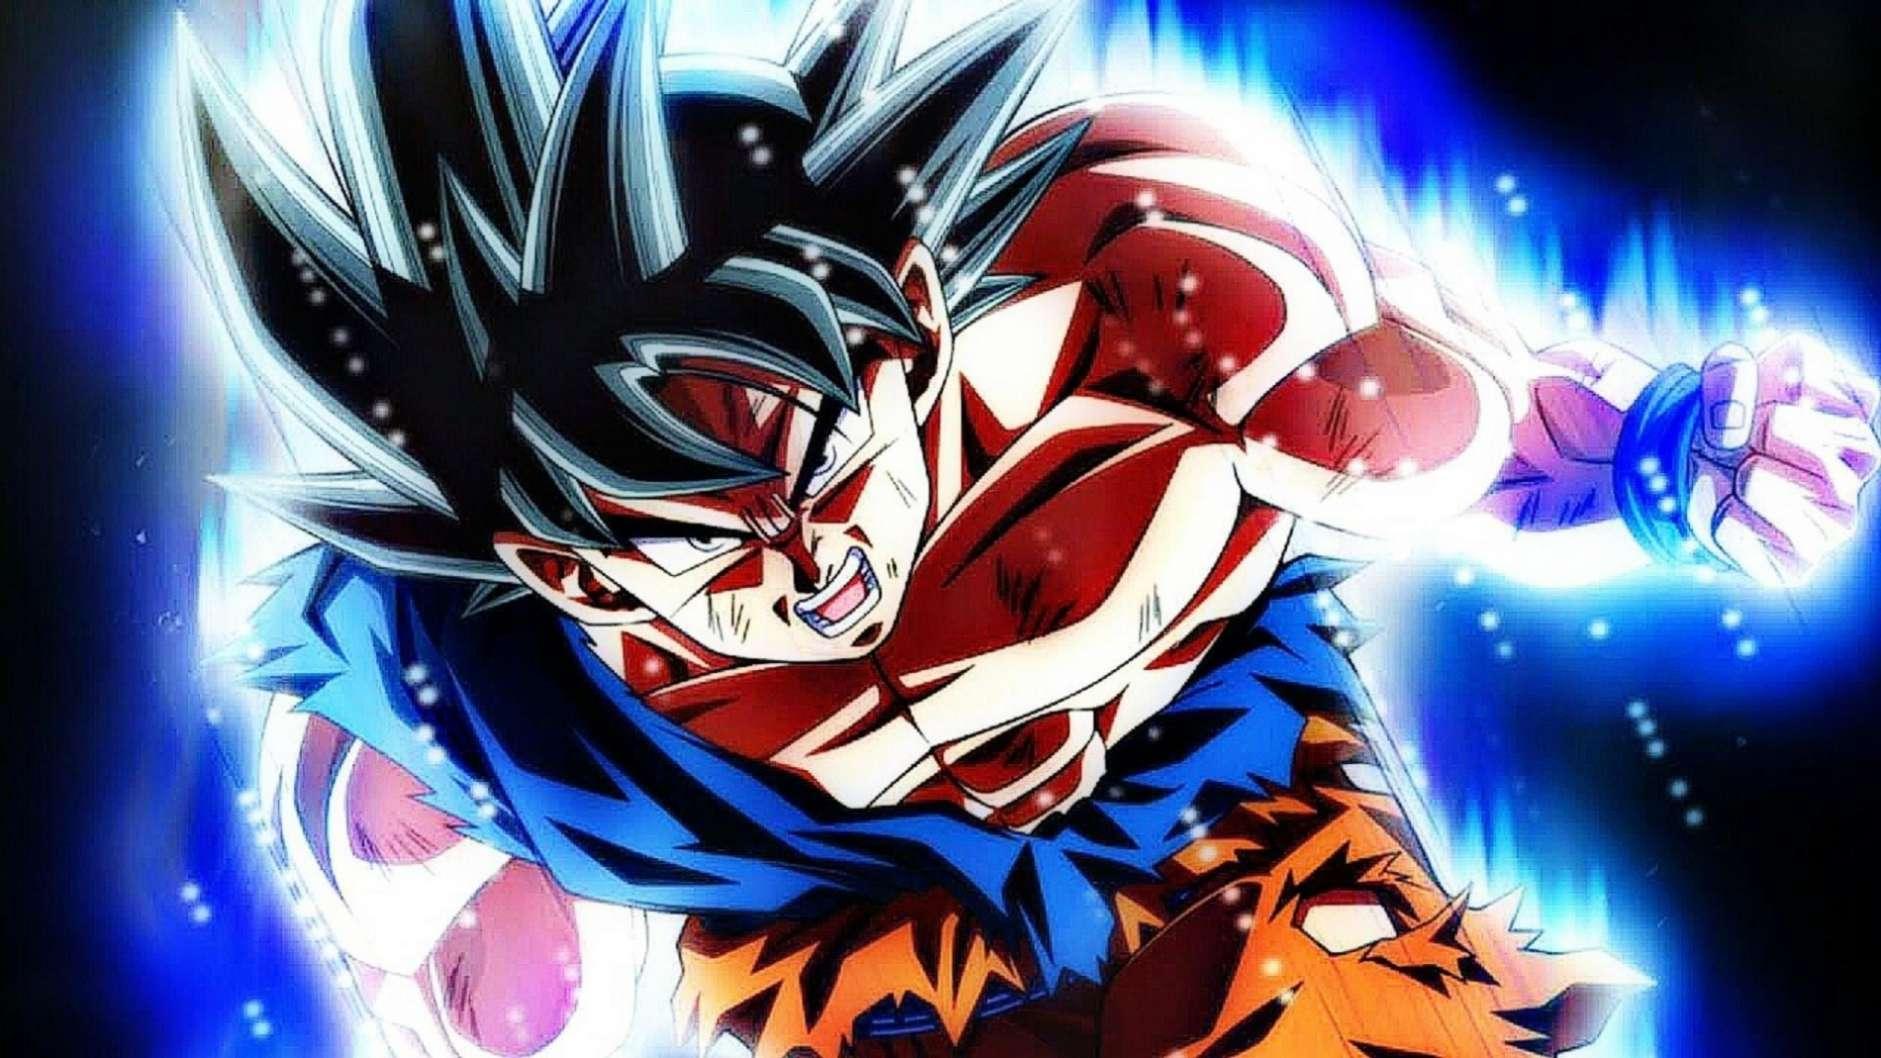 Fotos Animadas Para Papel De Parede 3d Para Notebook: As 50 Melhores Imagens Do Goku Para Usar Como Papel De Parede